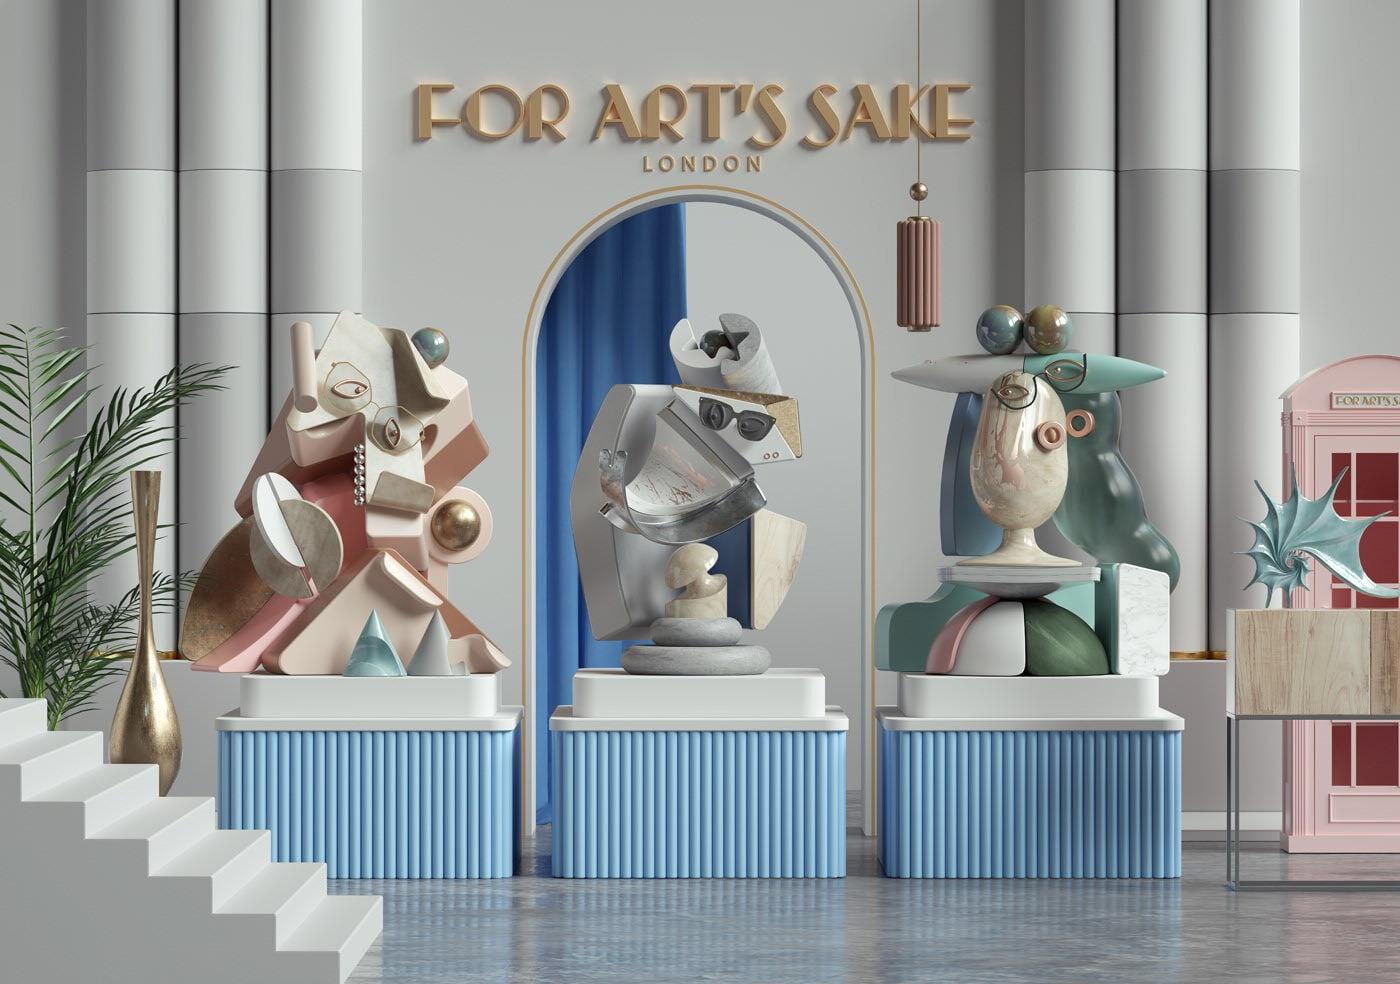 Picasso CR Studio for arts sake párizsi divathét 3d